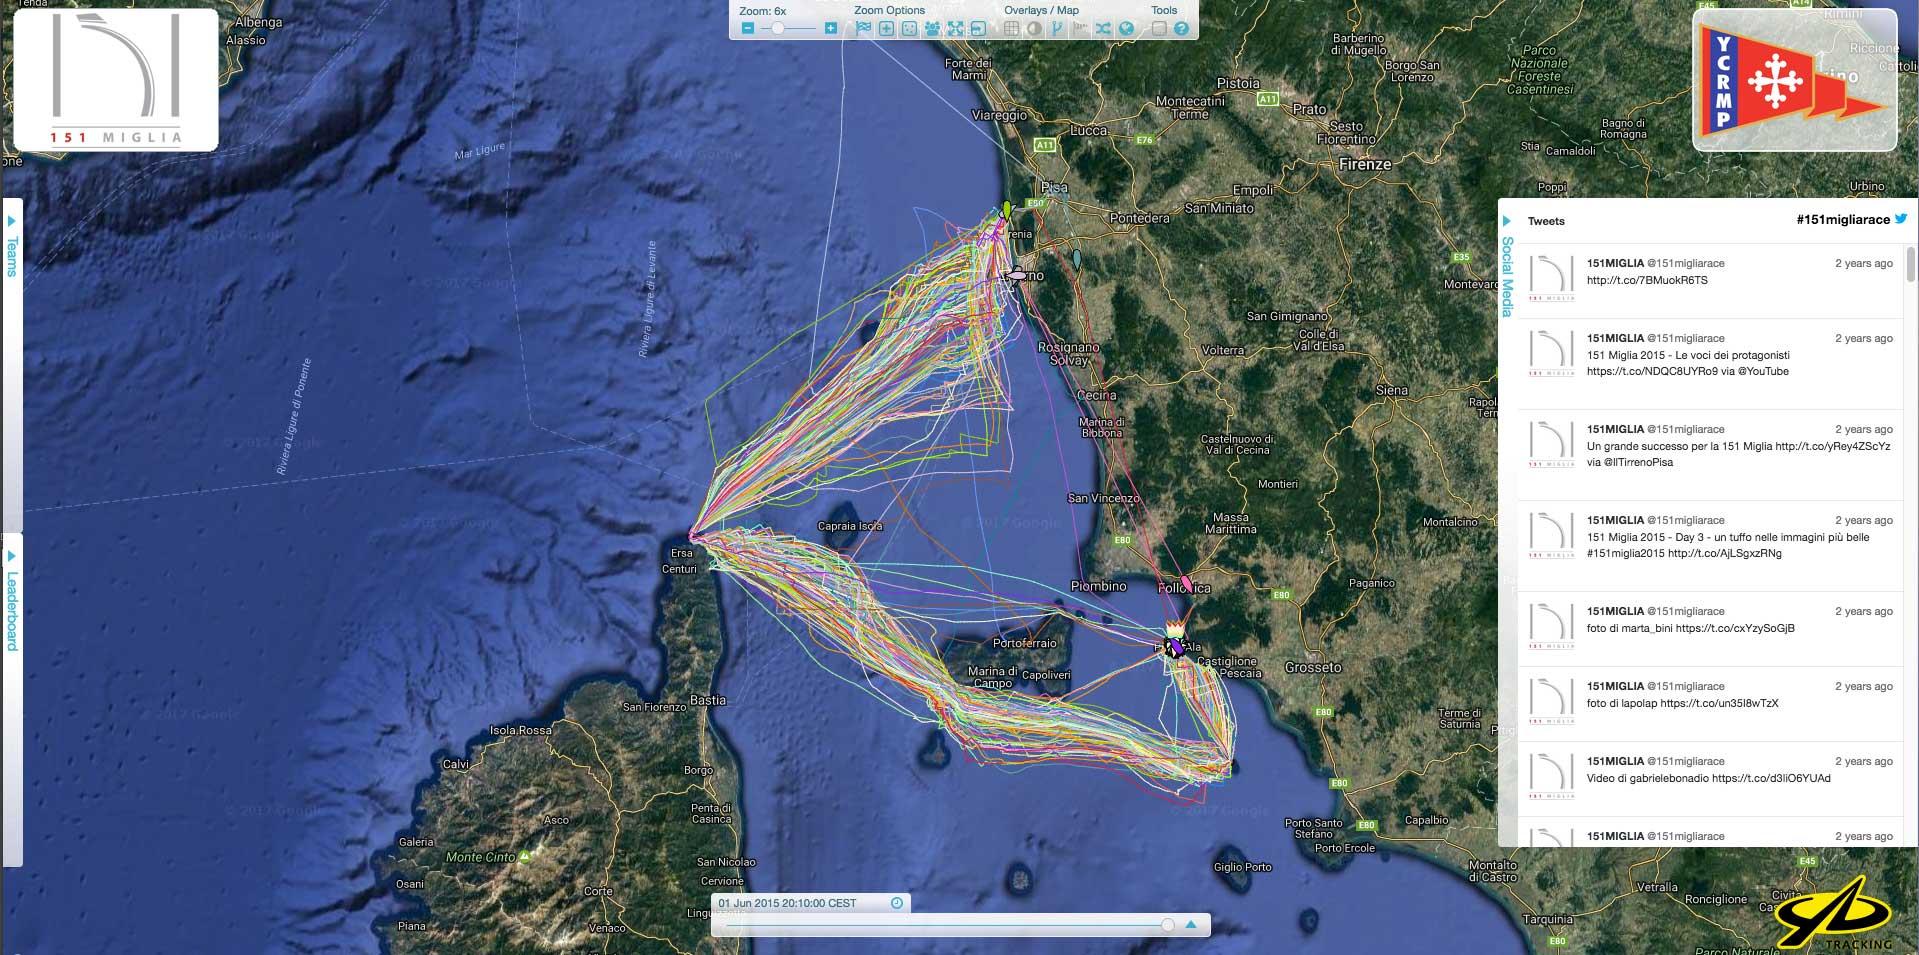 151miglia_tracciato_YB_Tracking